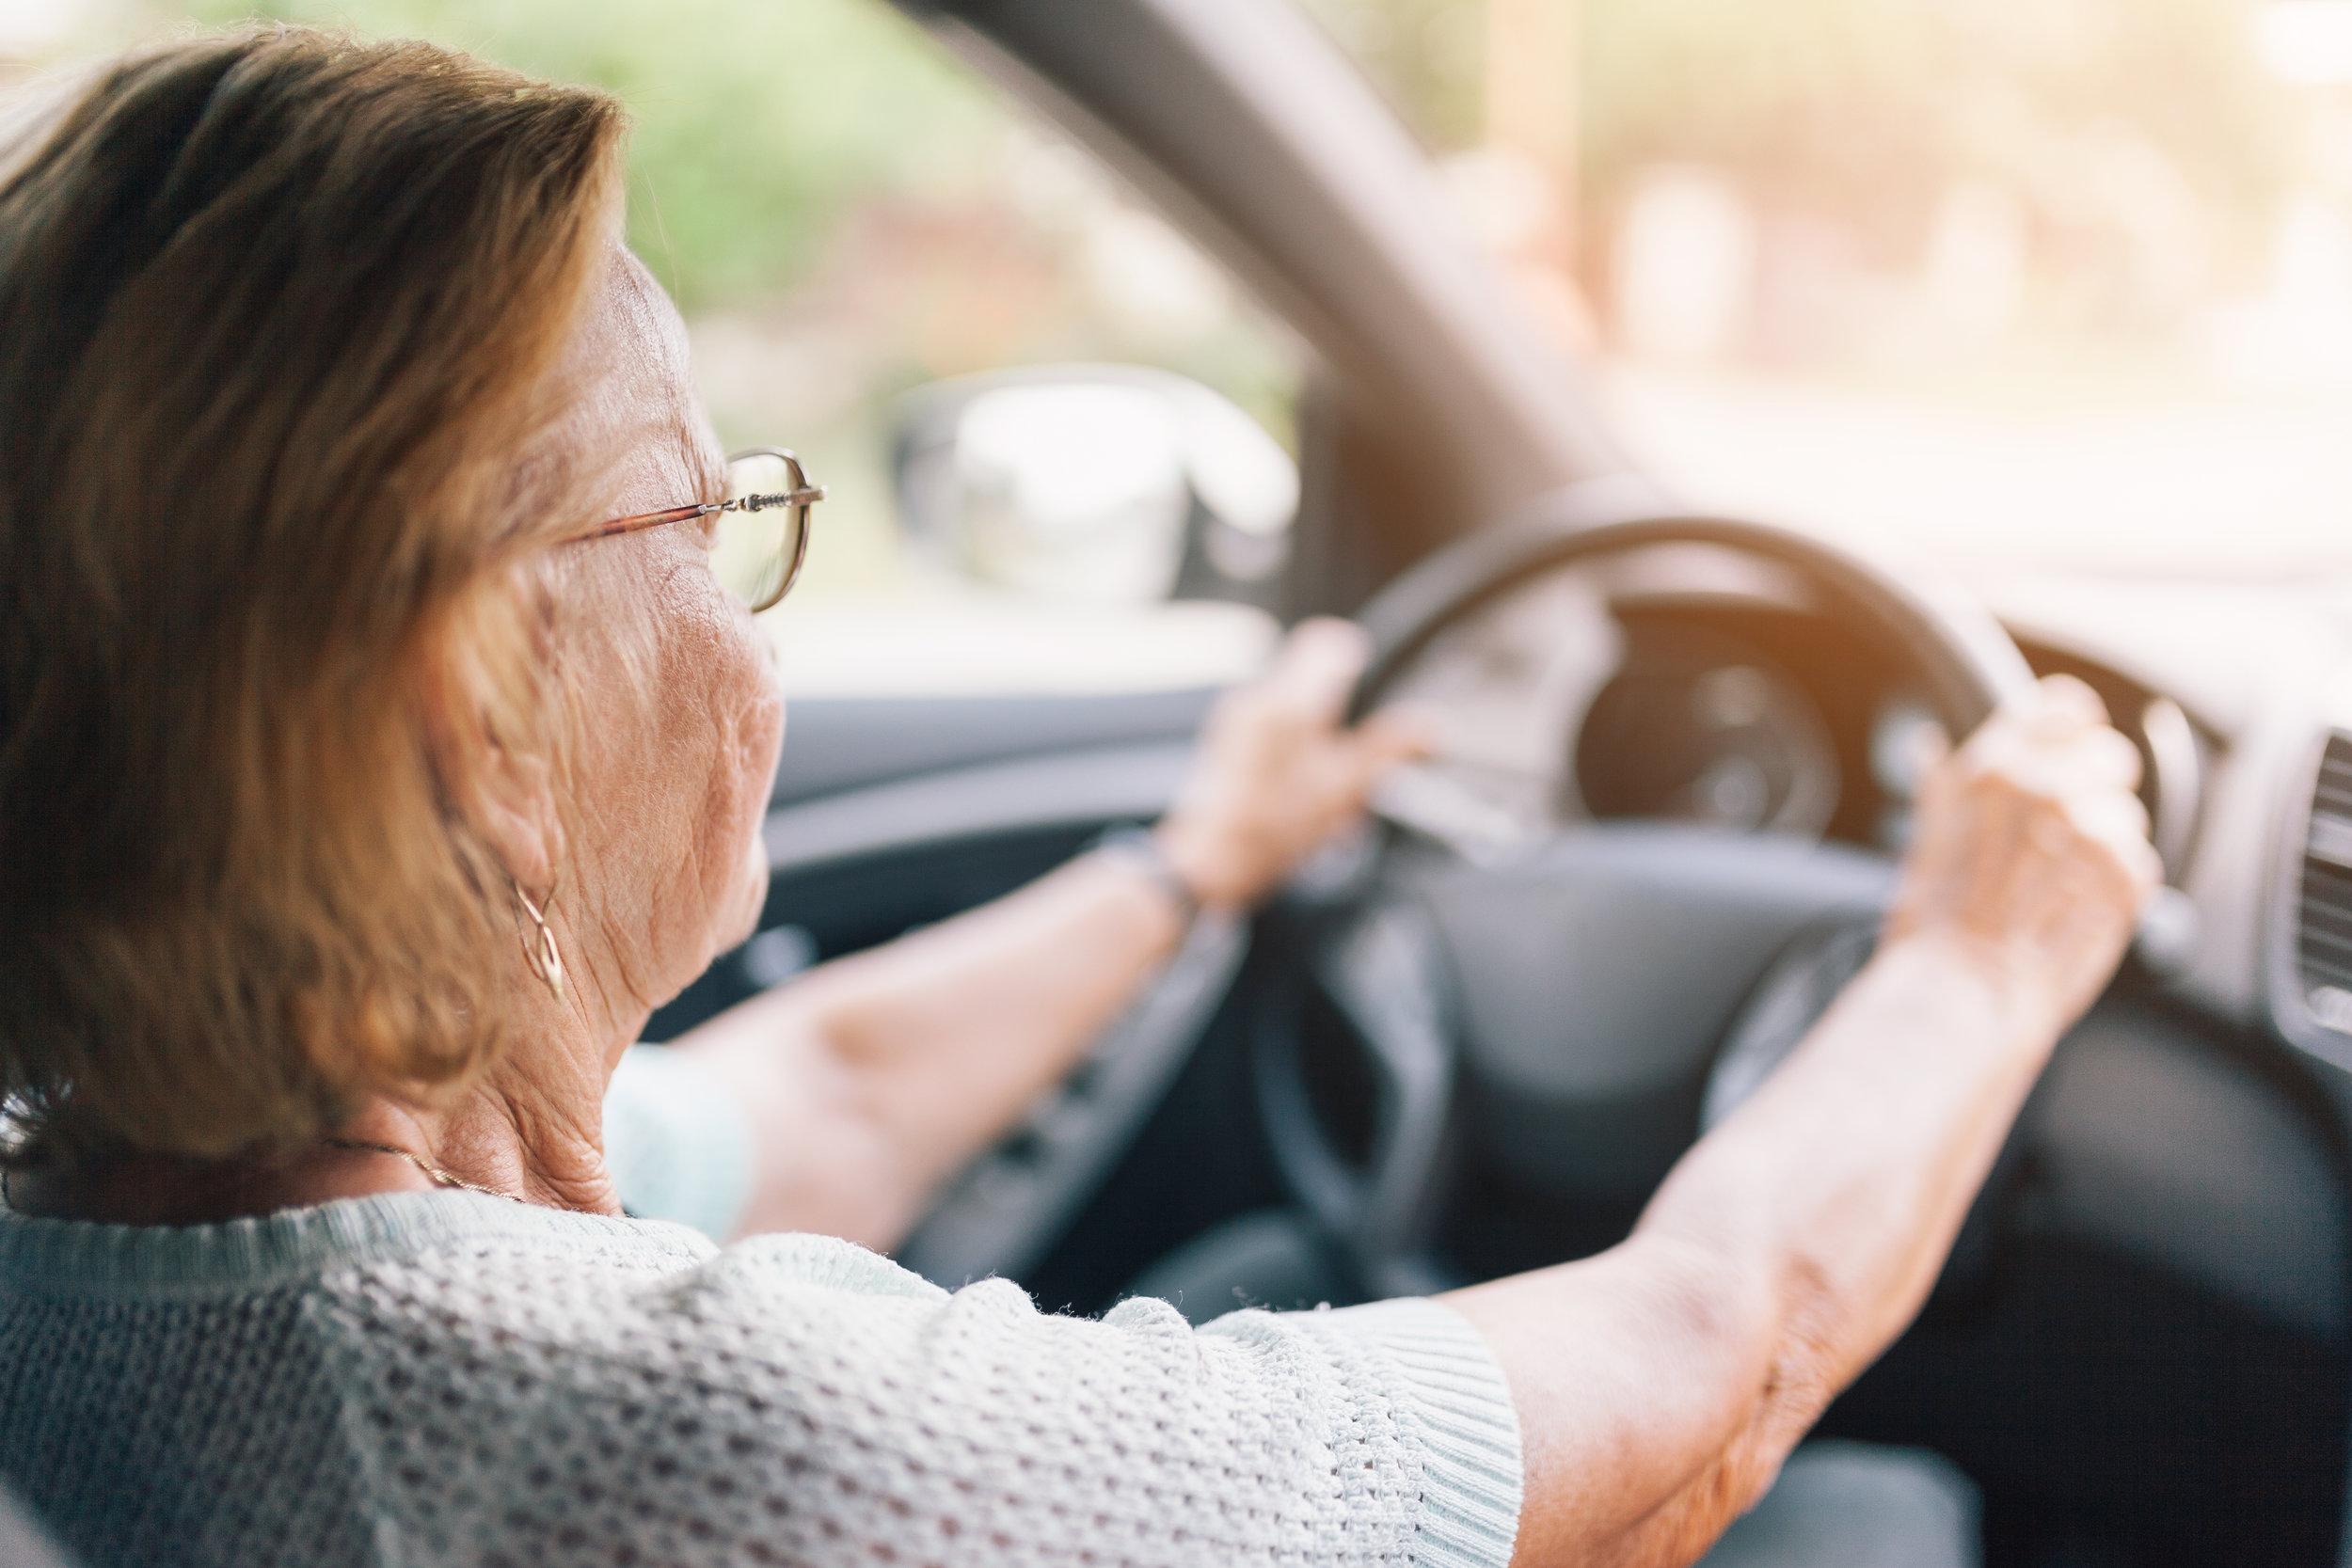 elderly-woman-behind-the-steering-wheel-R2CNUJ4.jpg